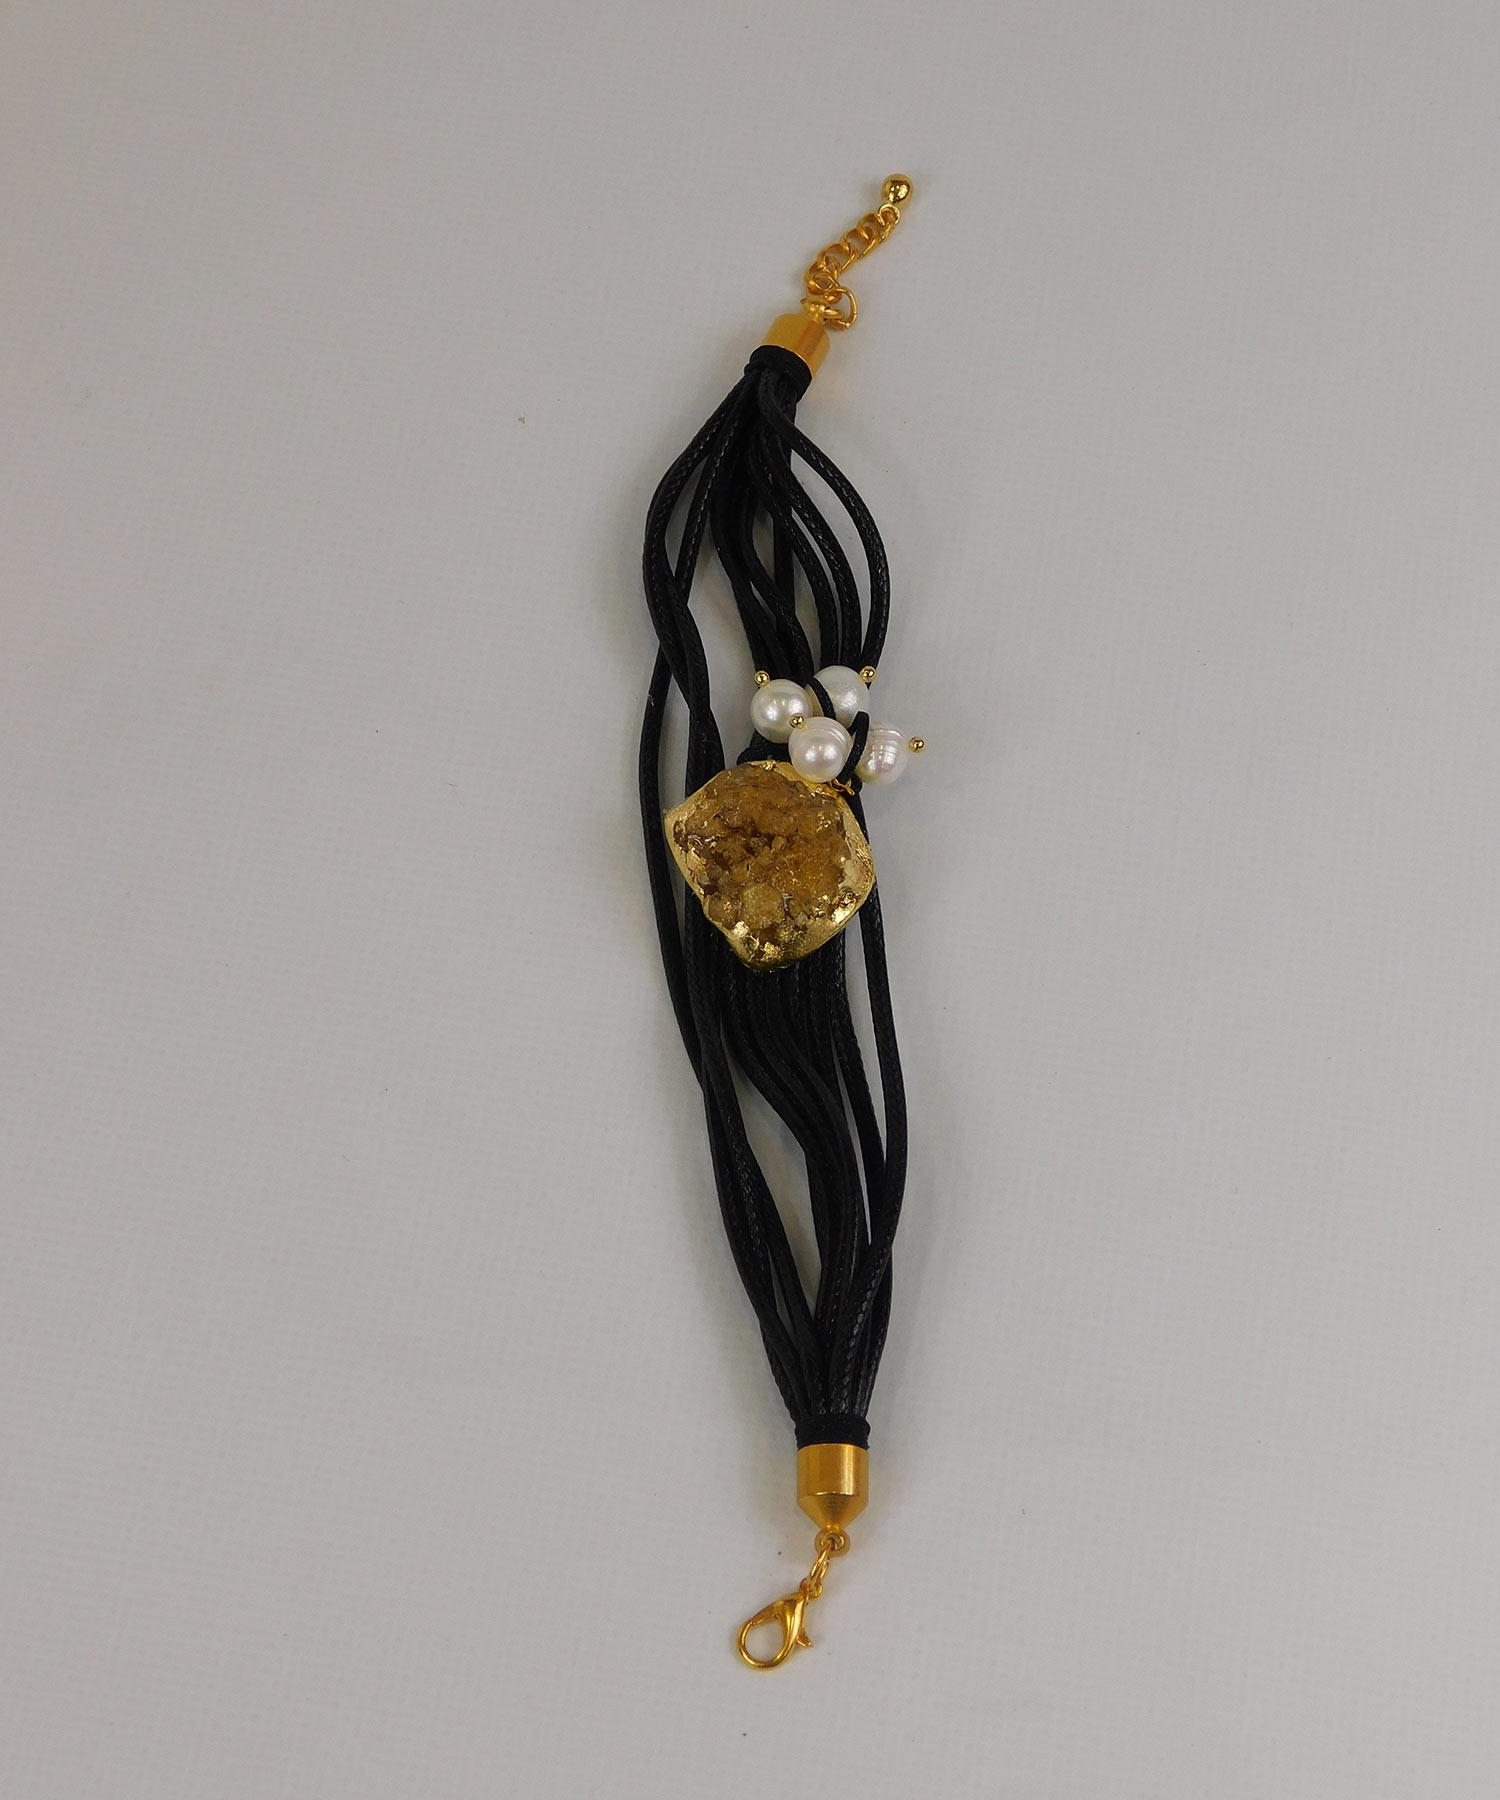 Βραχιόλι με κίτρινο στοιχείο, λευκές πέρλες και μαύρα κορδόνια